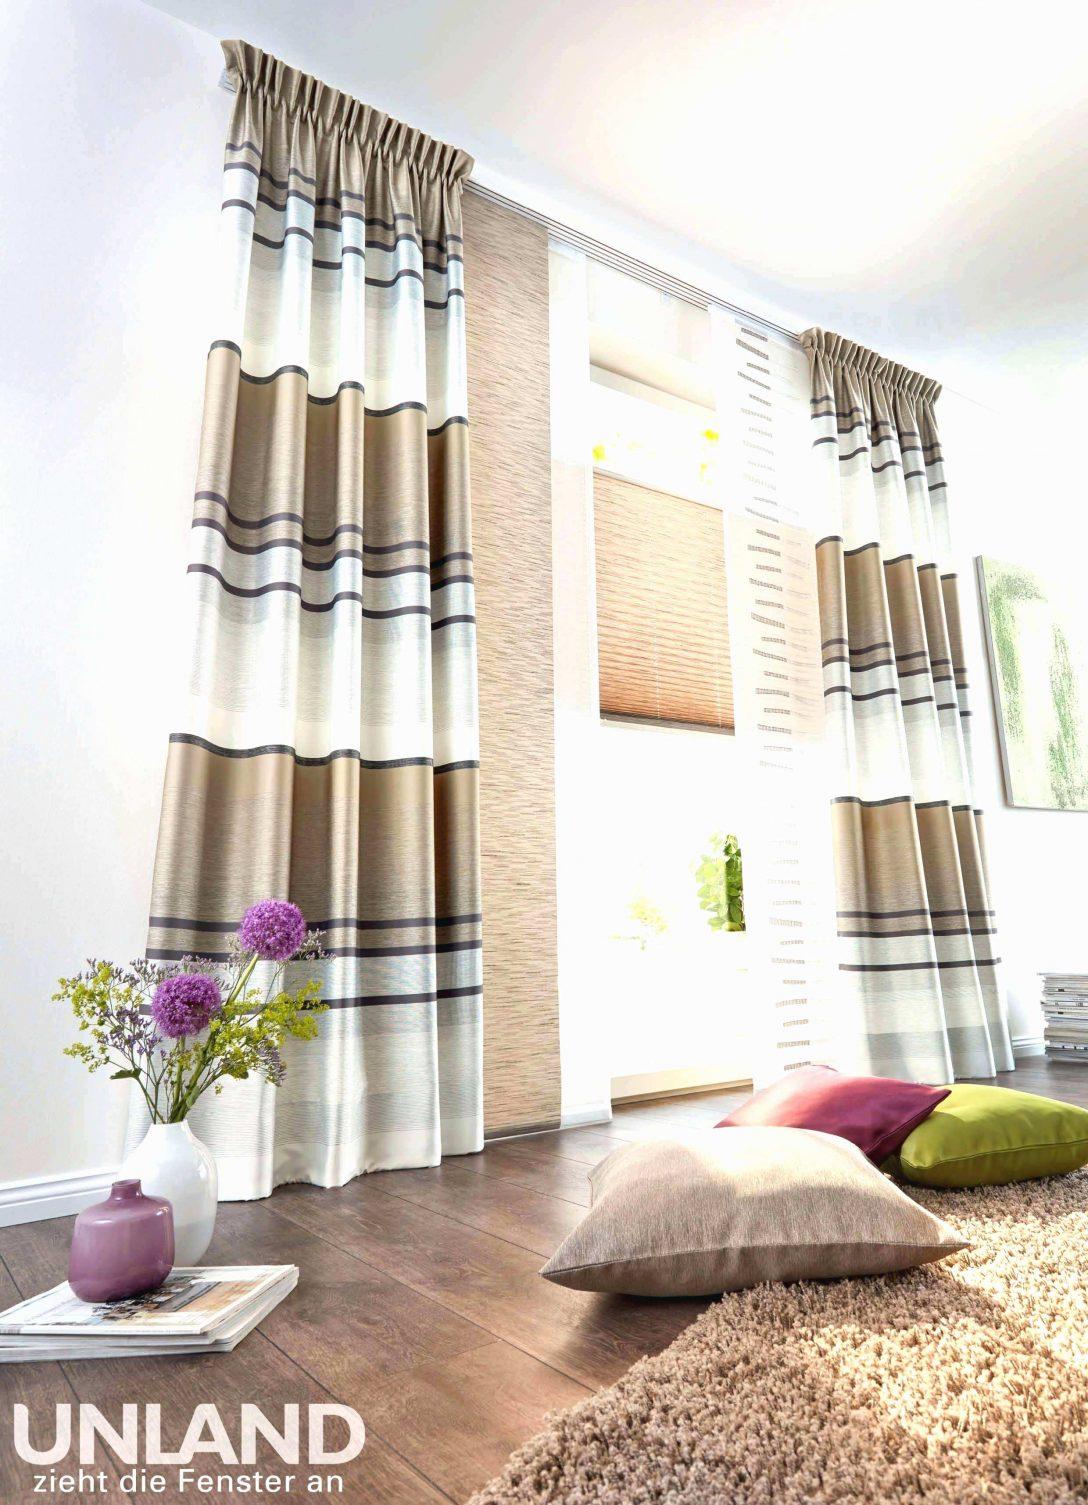 Large Size of Fensterdekoration Gardinen Beispiele Fenster Ideen Wohnzimmer Für Schlafzimmer Scheibengardinen Küche Die Wohnzimmer Fensterdekoration Gardinen Beispiele